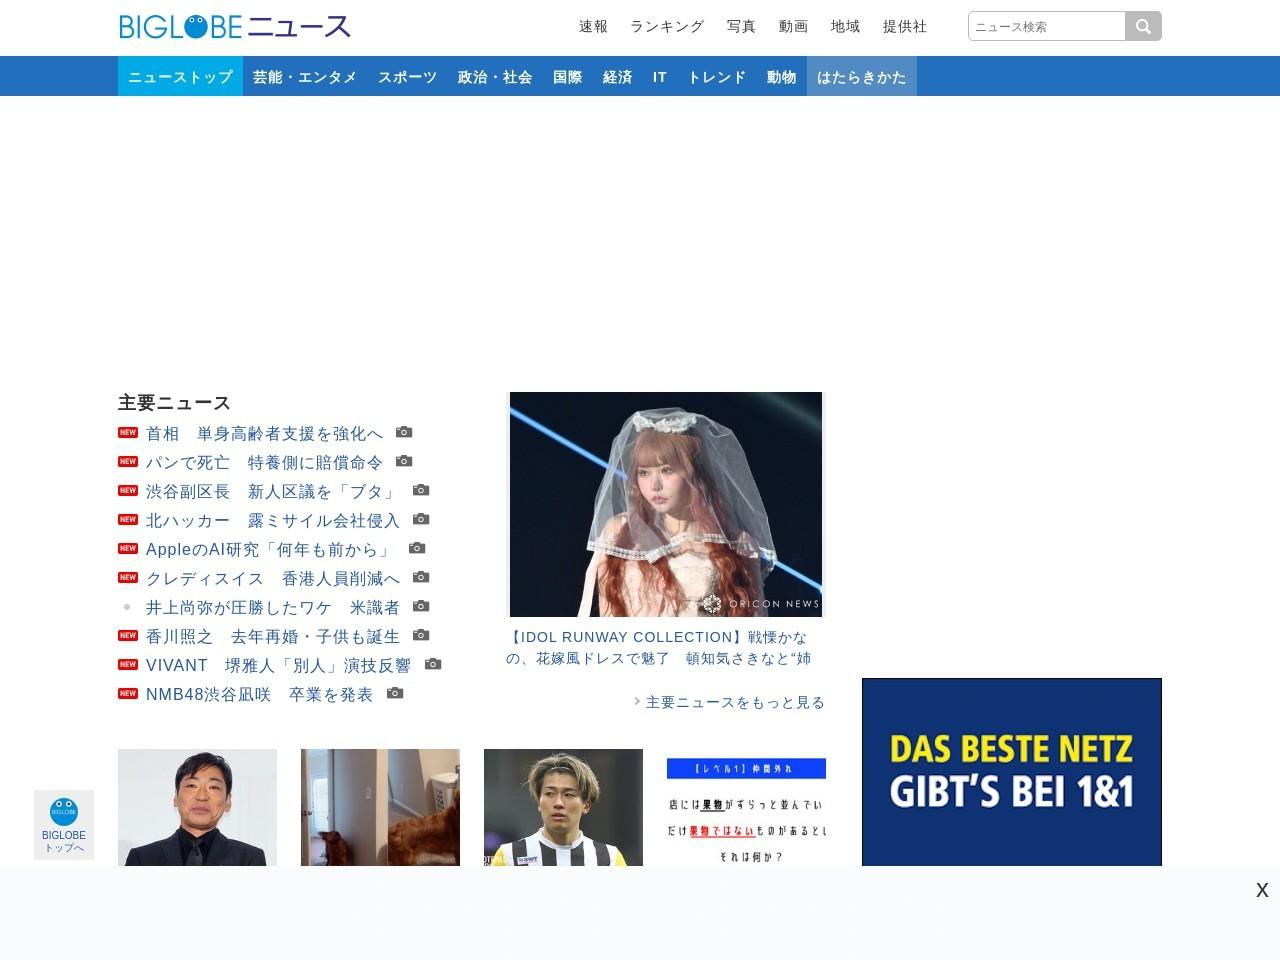 オピュの果汁パンティントが話題! Qoo10コスメランキング(5月27日〜6月2日)